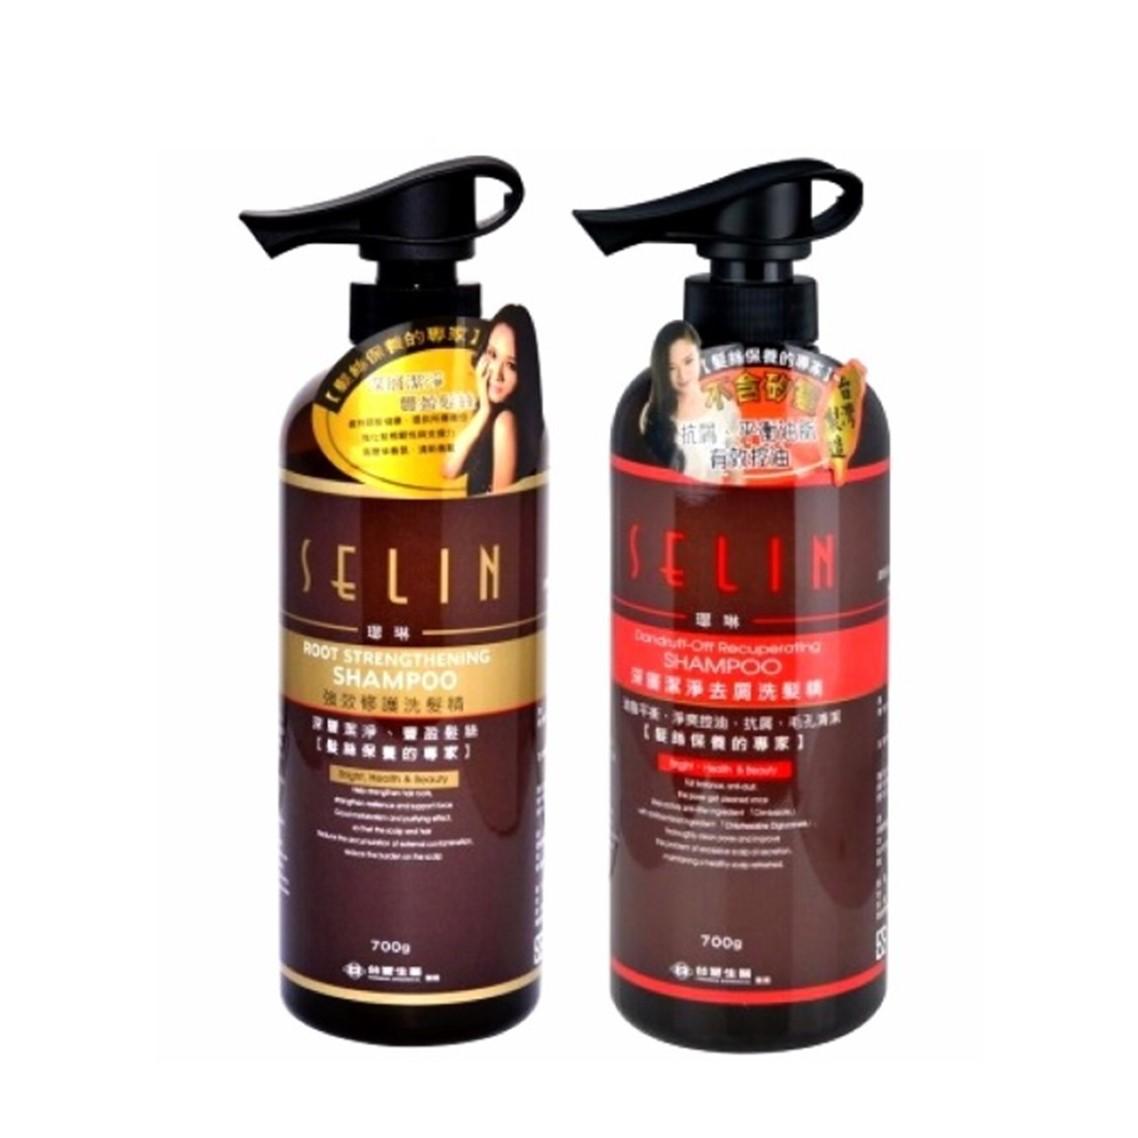 【台塑生醫】璱琳強效修護洗髮精+深層潔淨去屑洗髮精 (700ml)